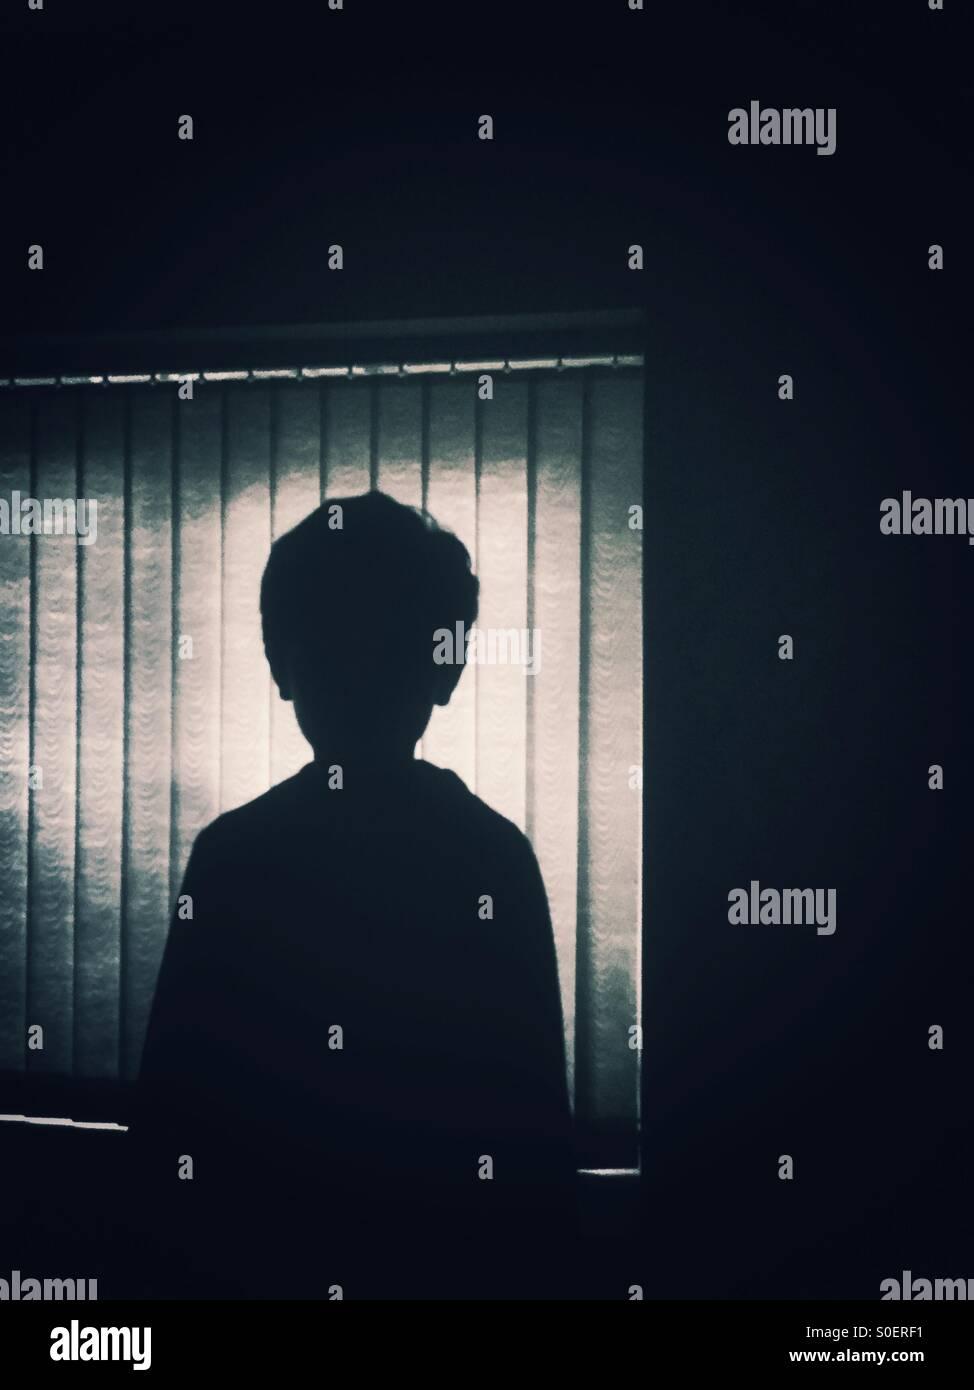 Silueta de un niño por la ventana Imagen De Stock